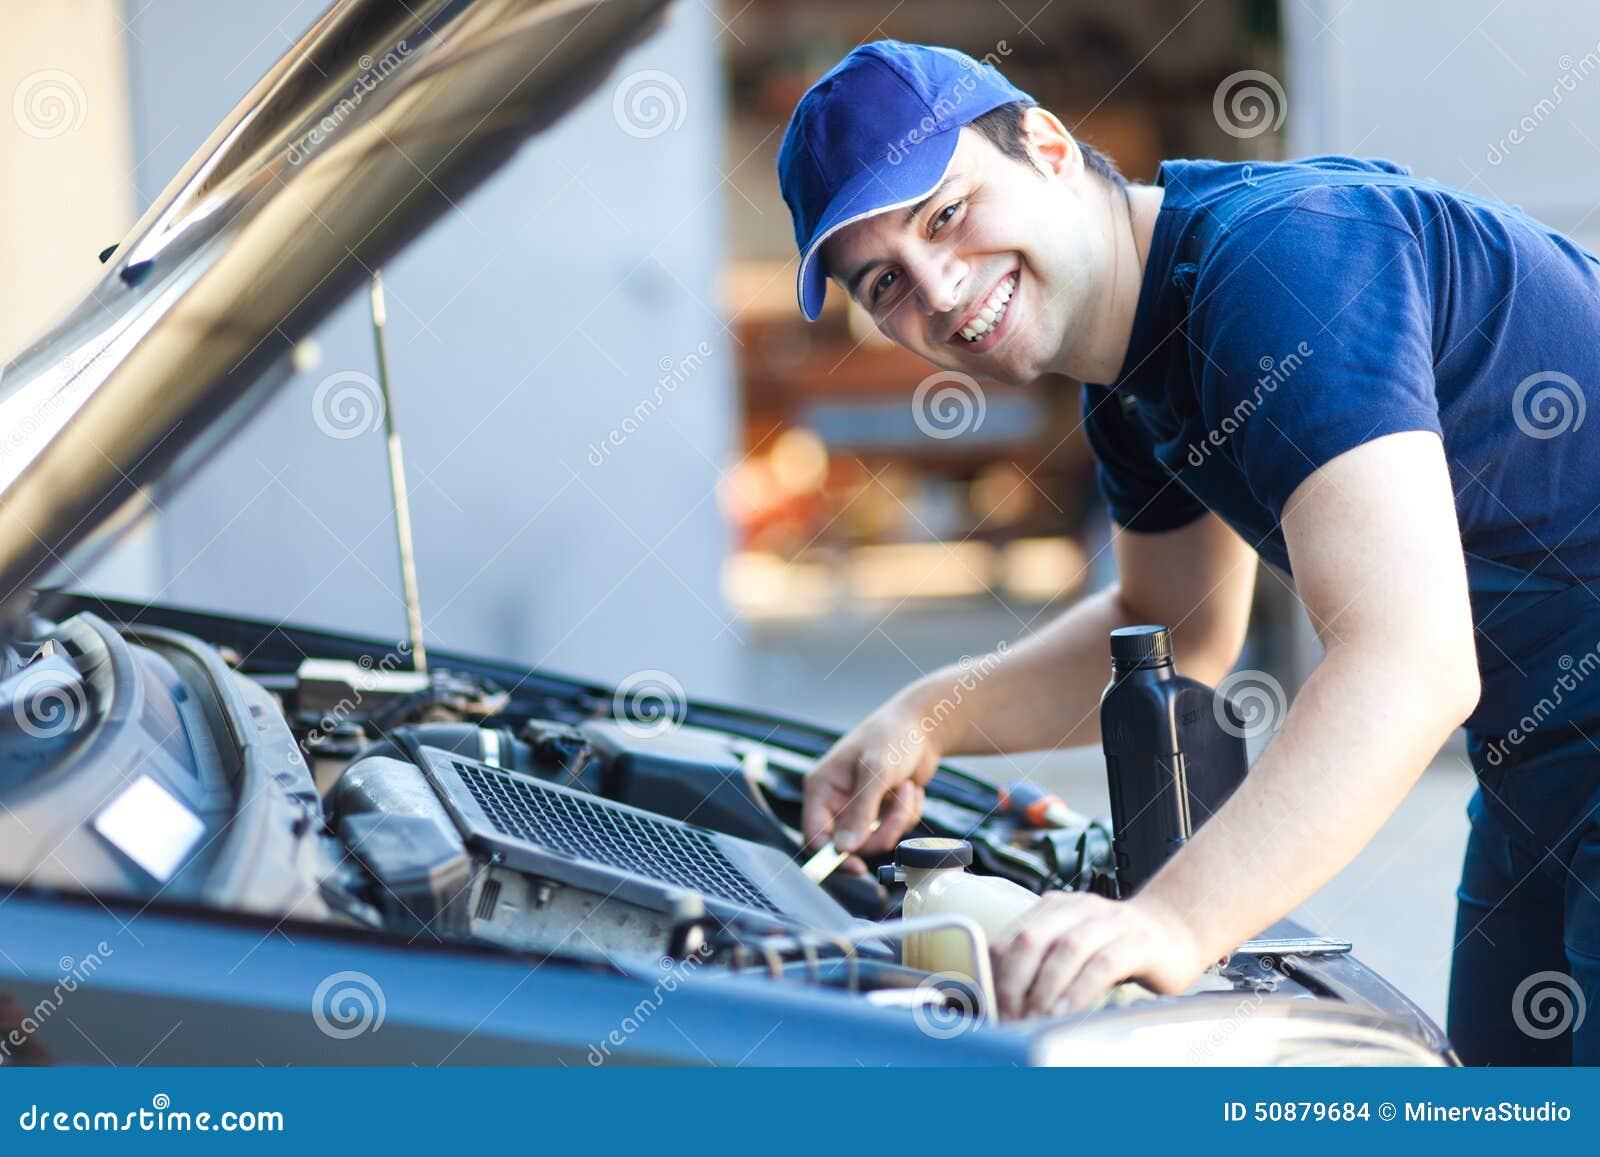 Mécanicien de voiture travaillant dans le service des réparations automatique